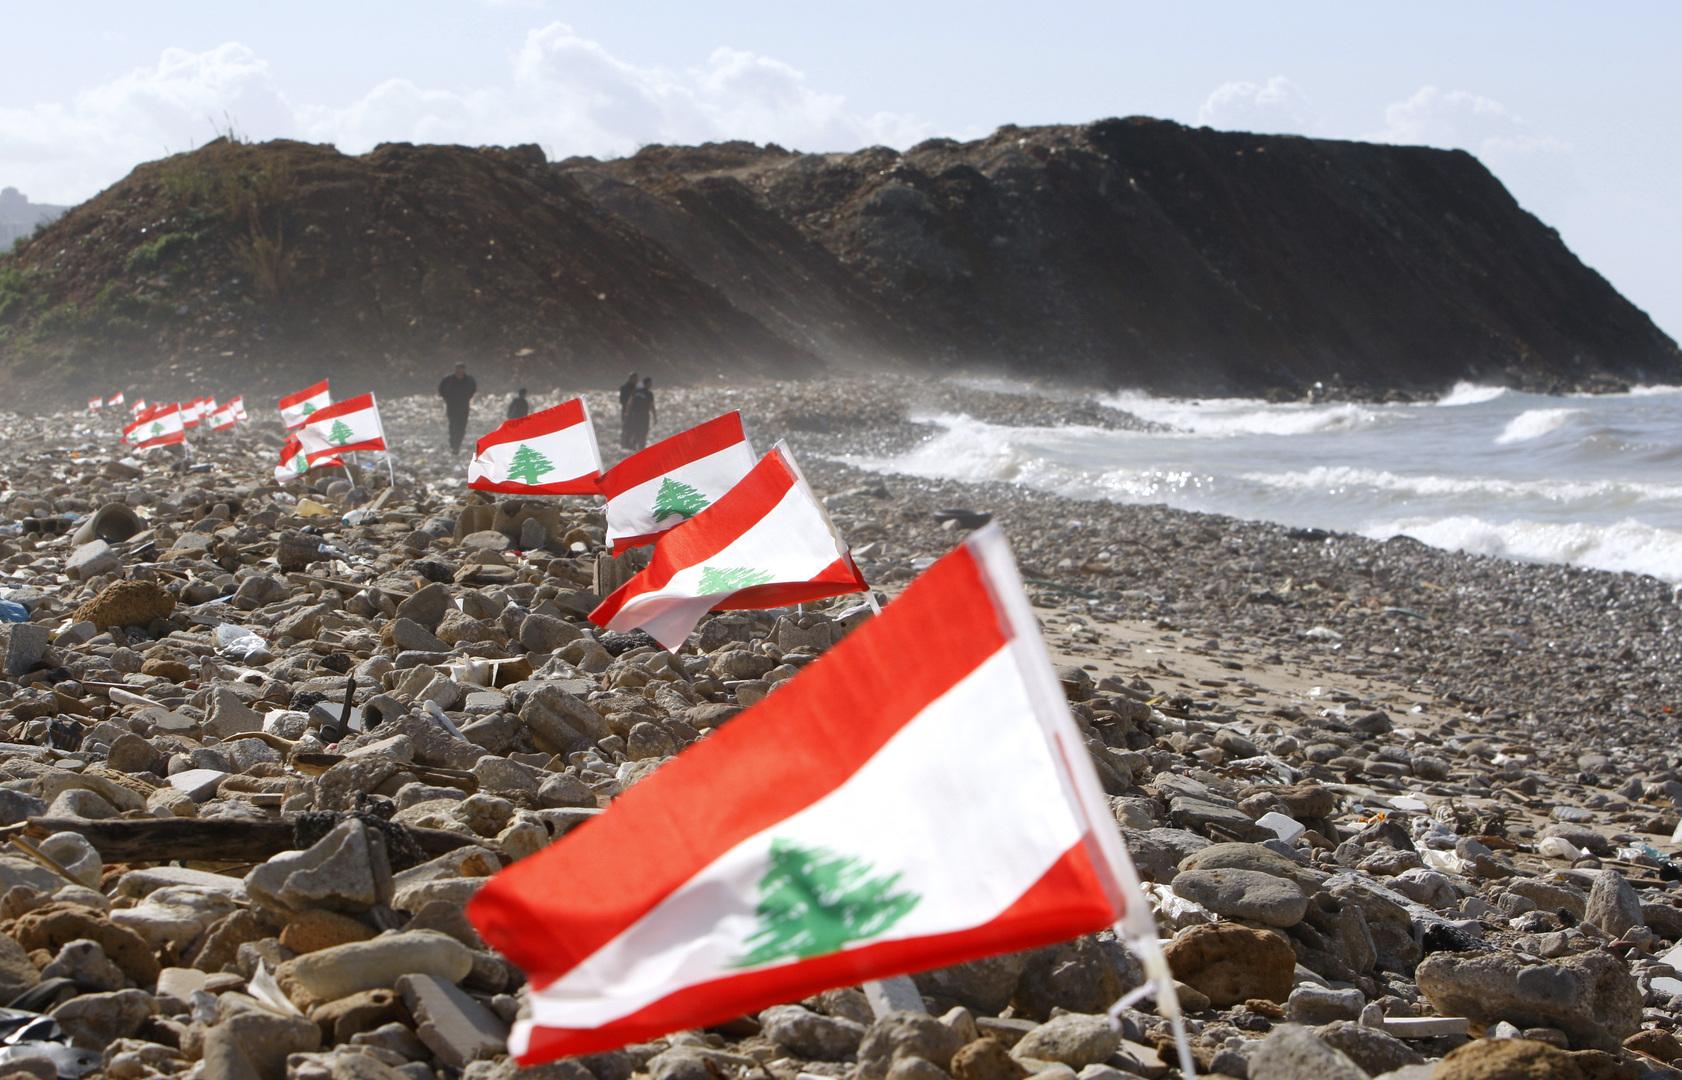 الجيش اللبناني يؤكد التزامه السرية حول مجريات مفاوضات ترسيم الحدود مع إسرائيل